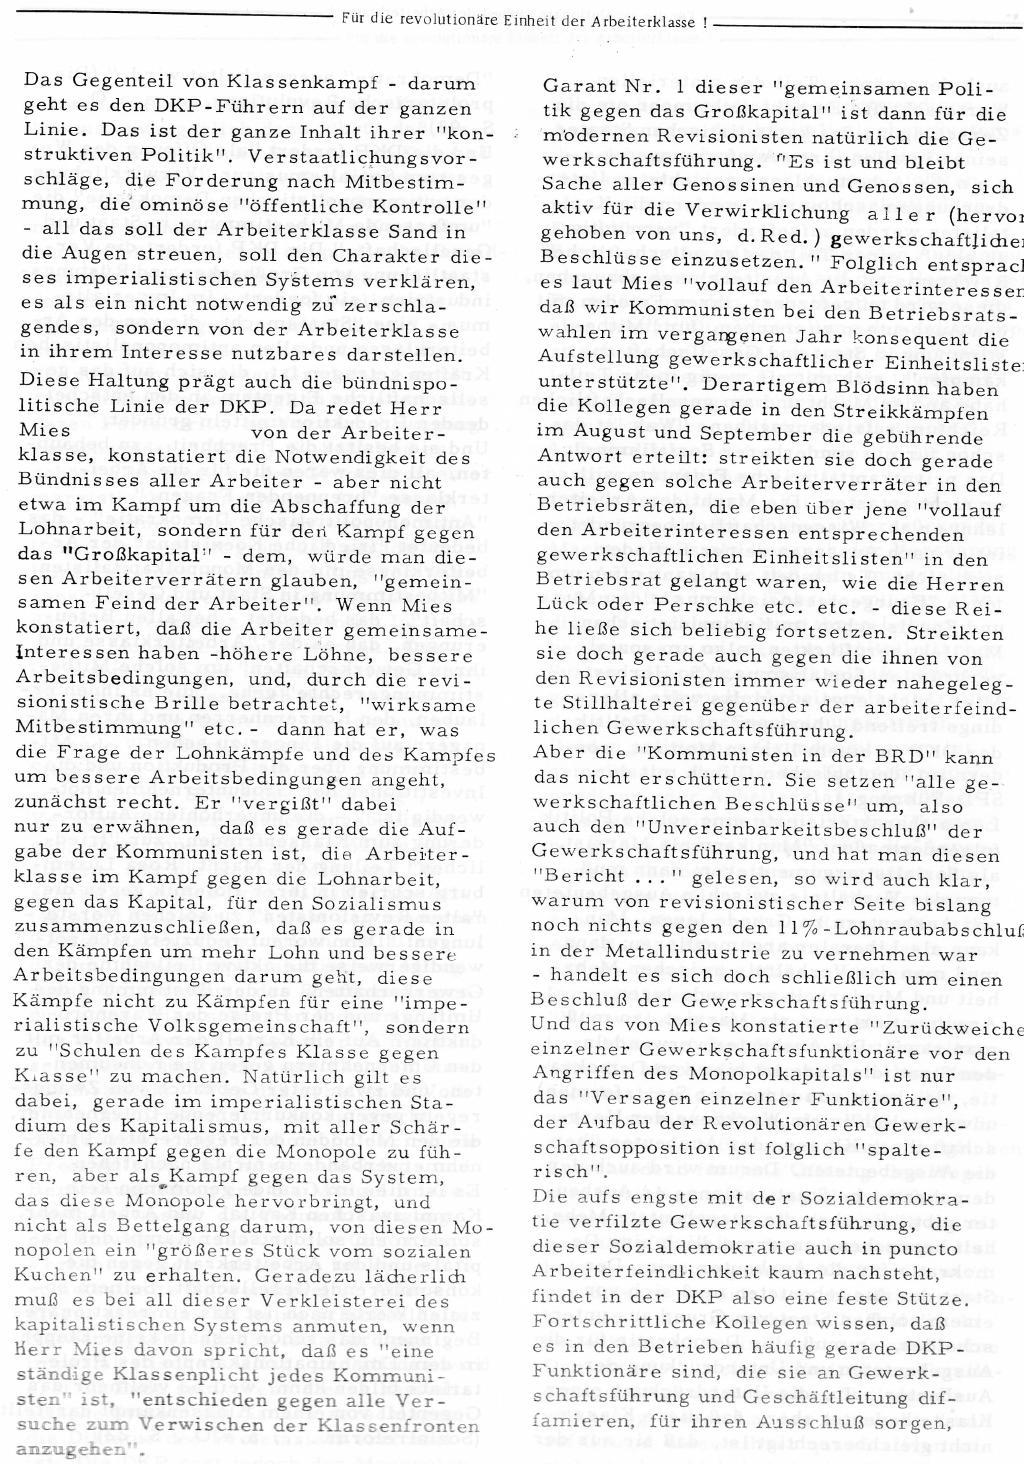 RPK_1973_040_16